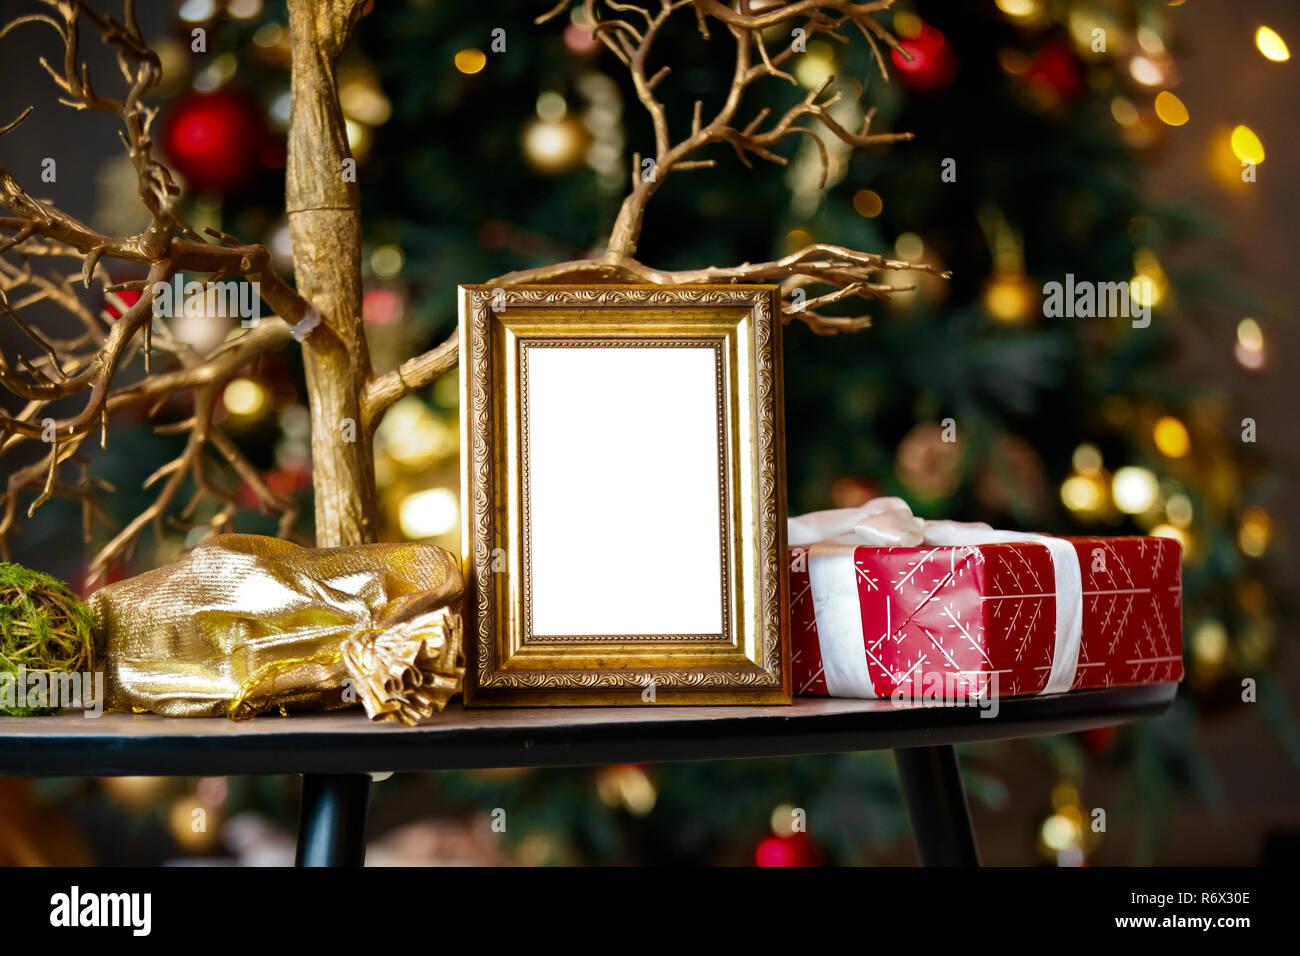 Fotorahmen Weihnachten.Leeren Fotorahmen In Weihnachten Innenraum Stockfoto Bild